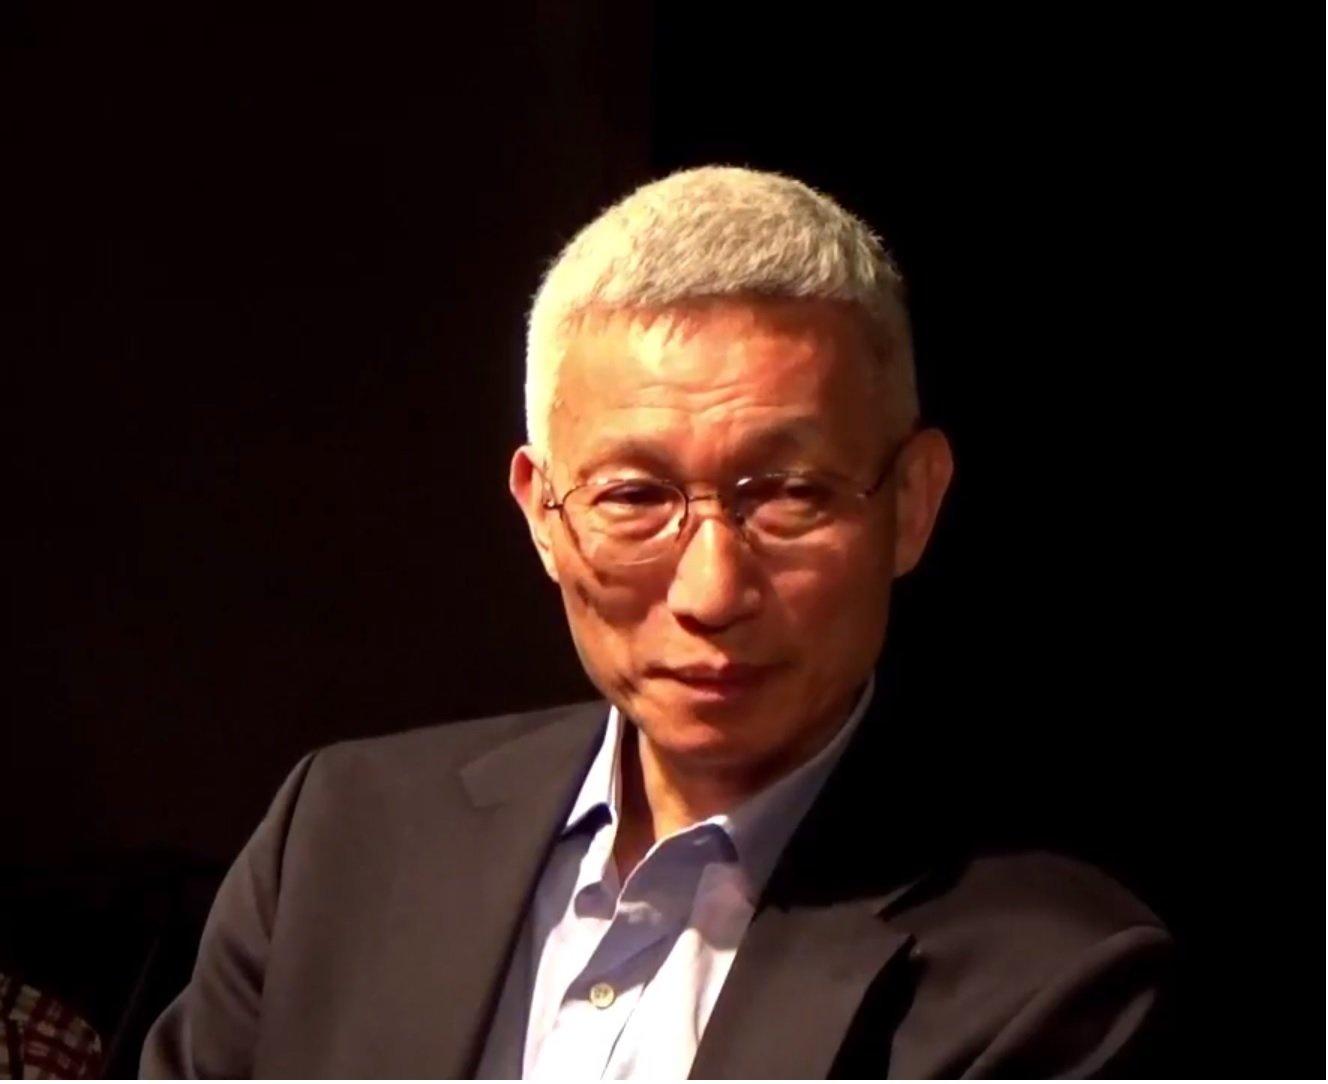 知名中國政經問題專家、美國克雷蒙特麥肯納學院(CMC)教授裴敏欣(Minxin Pei)。圖為資料照。(大紀元資料室)